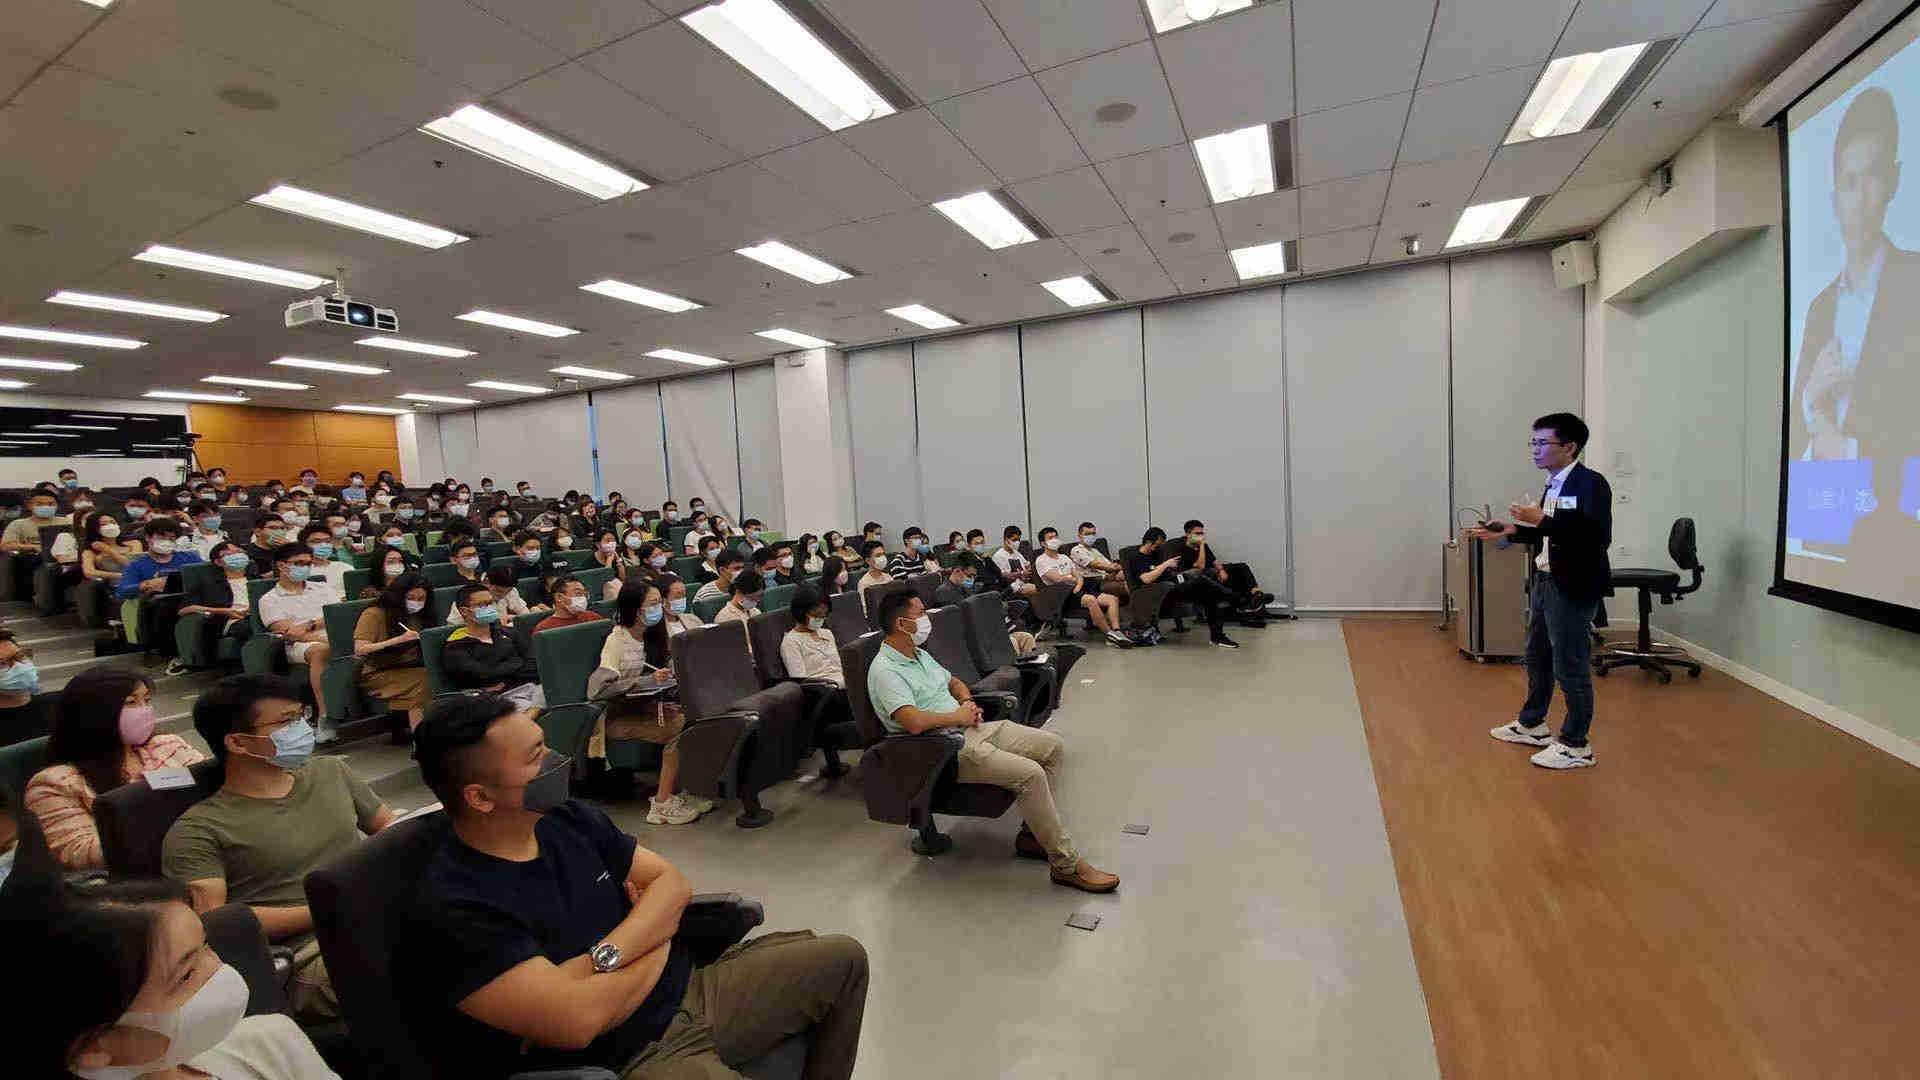 水滴公司创始人沈鹏做客港大经管学院谈创新创业